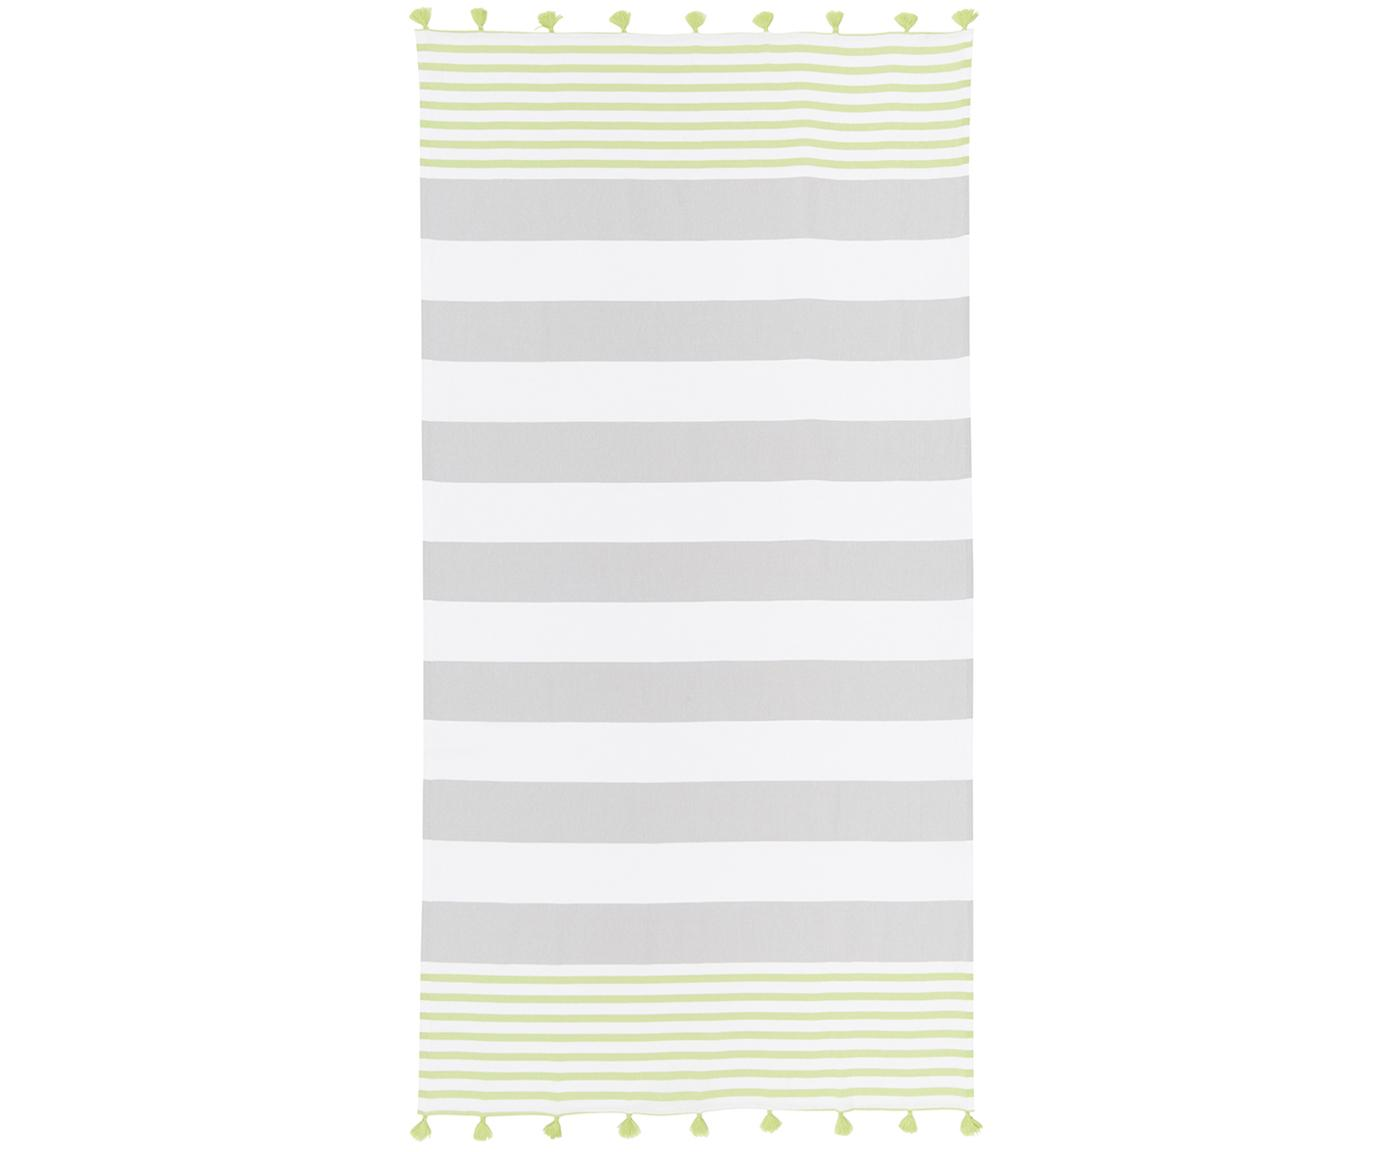 Gestreiftes Hamamtuch Pytris mit Quasten, 100% Baumwolle Sehr leichte Qualität, 185 g/m², Grün, Grau, Weiss, 95 x 175 cm